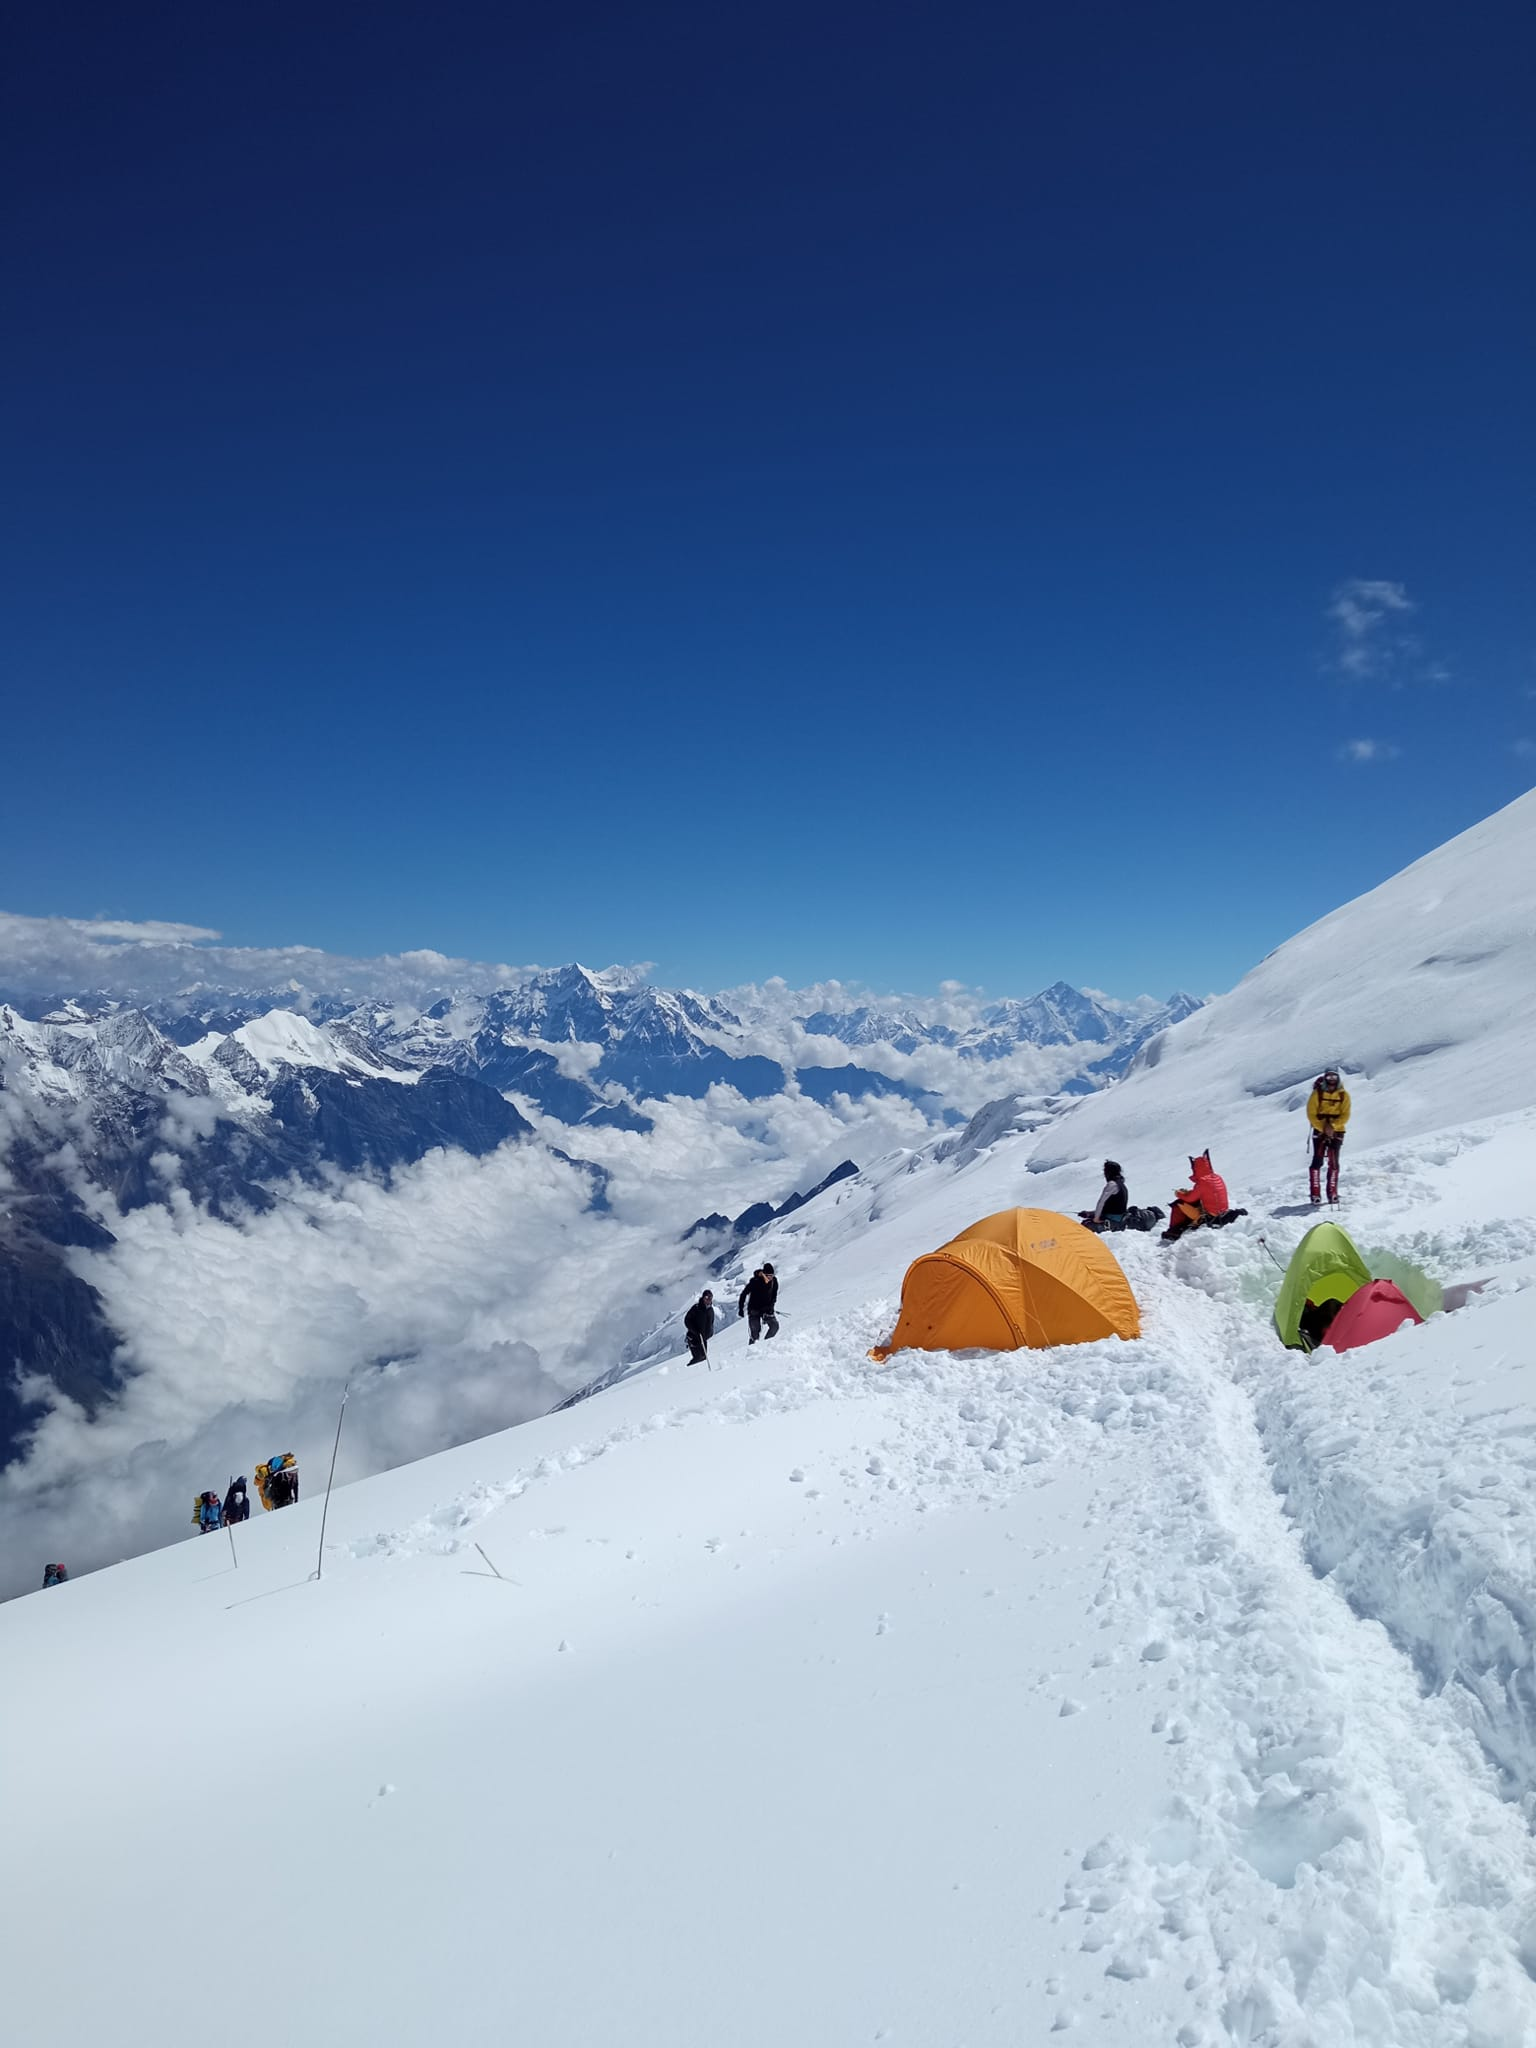 Украинец покорил восьмую по высоте вершину мира - фото 4